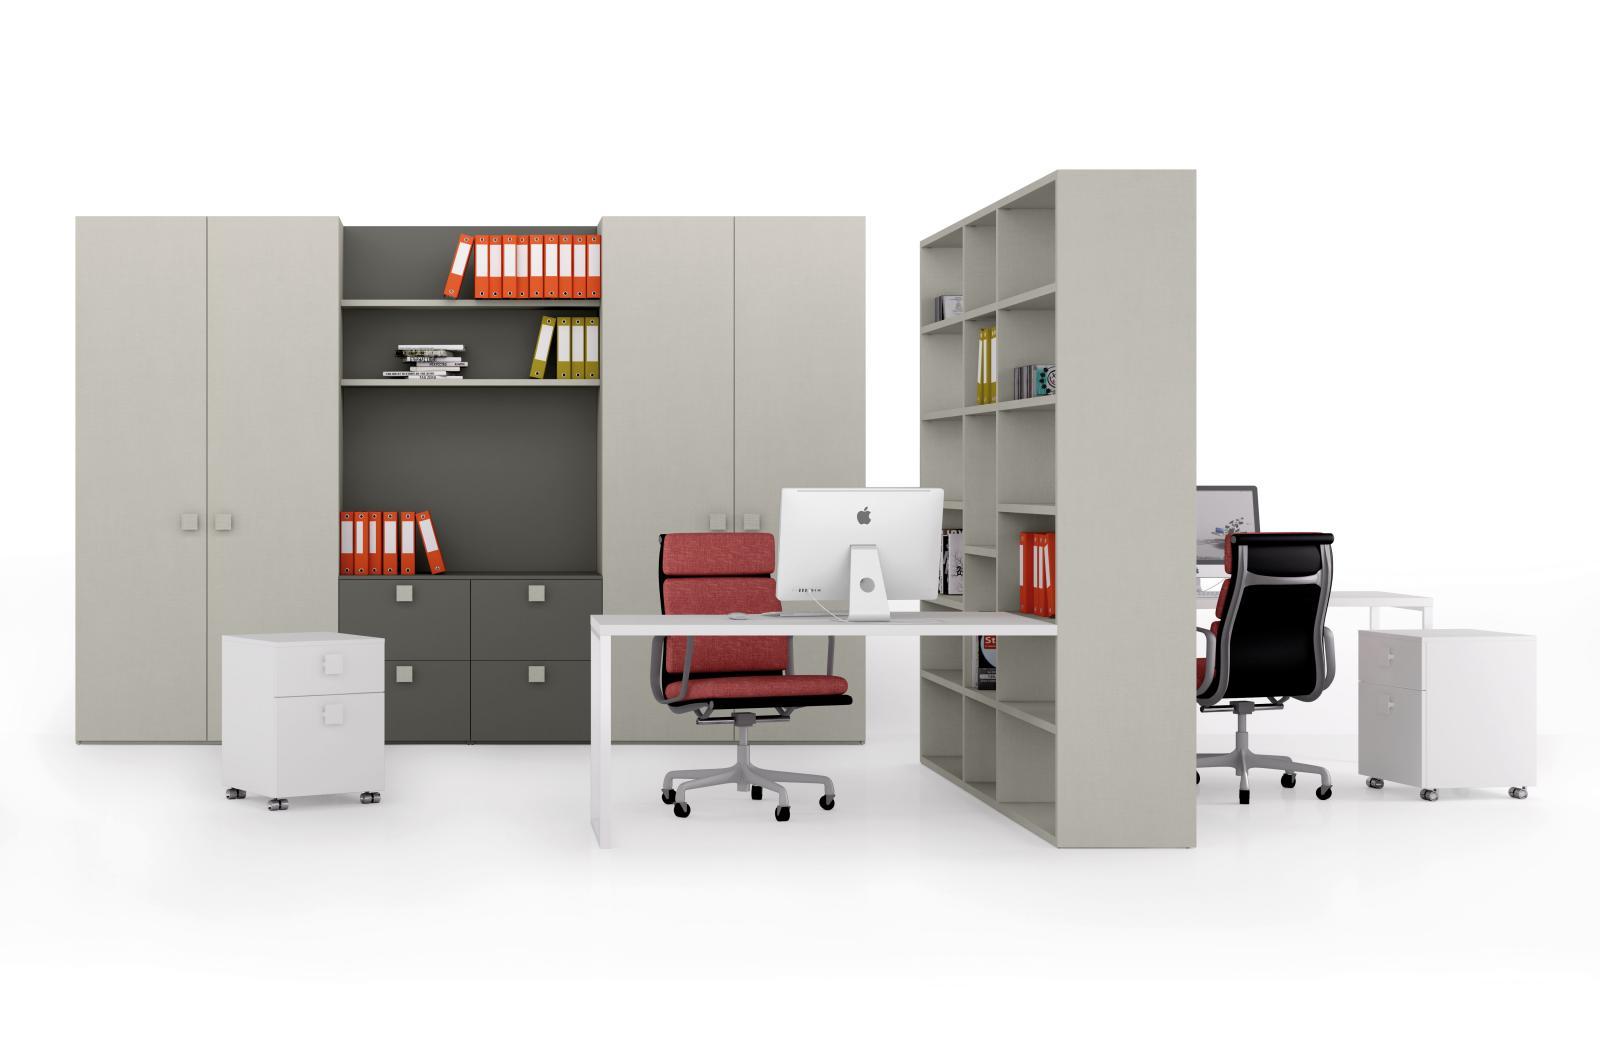 Sistemi d arredo per l ufficio real time casa - Sistemi antiallagamento per casa ...